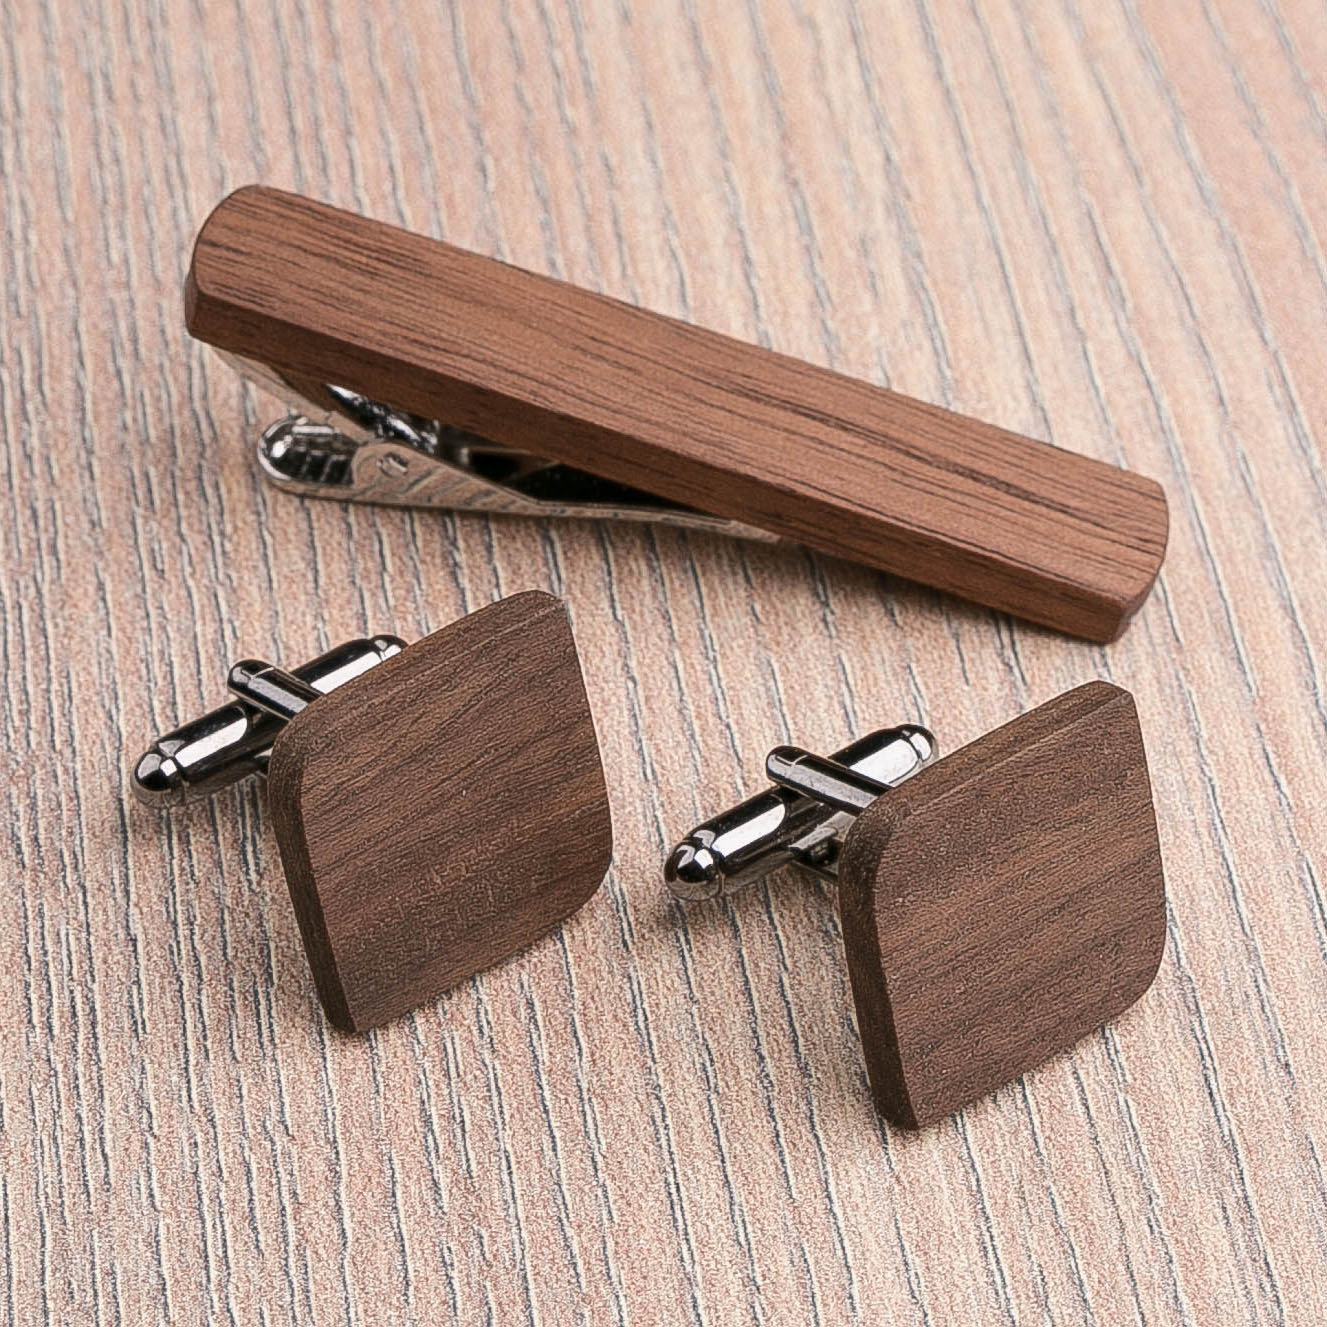 Комплект: Скругленные запонки из дерева и Деревянный зажим для галстука. Массив ореха. Гравировка инициалов. Упаковка в комплекте CufflinksSet-RndSquareWalnut